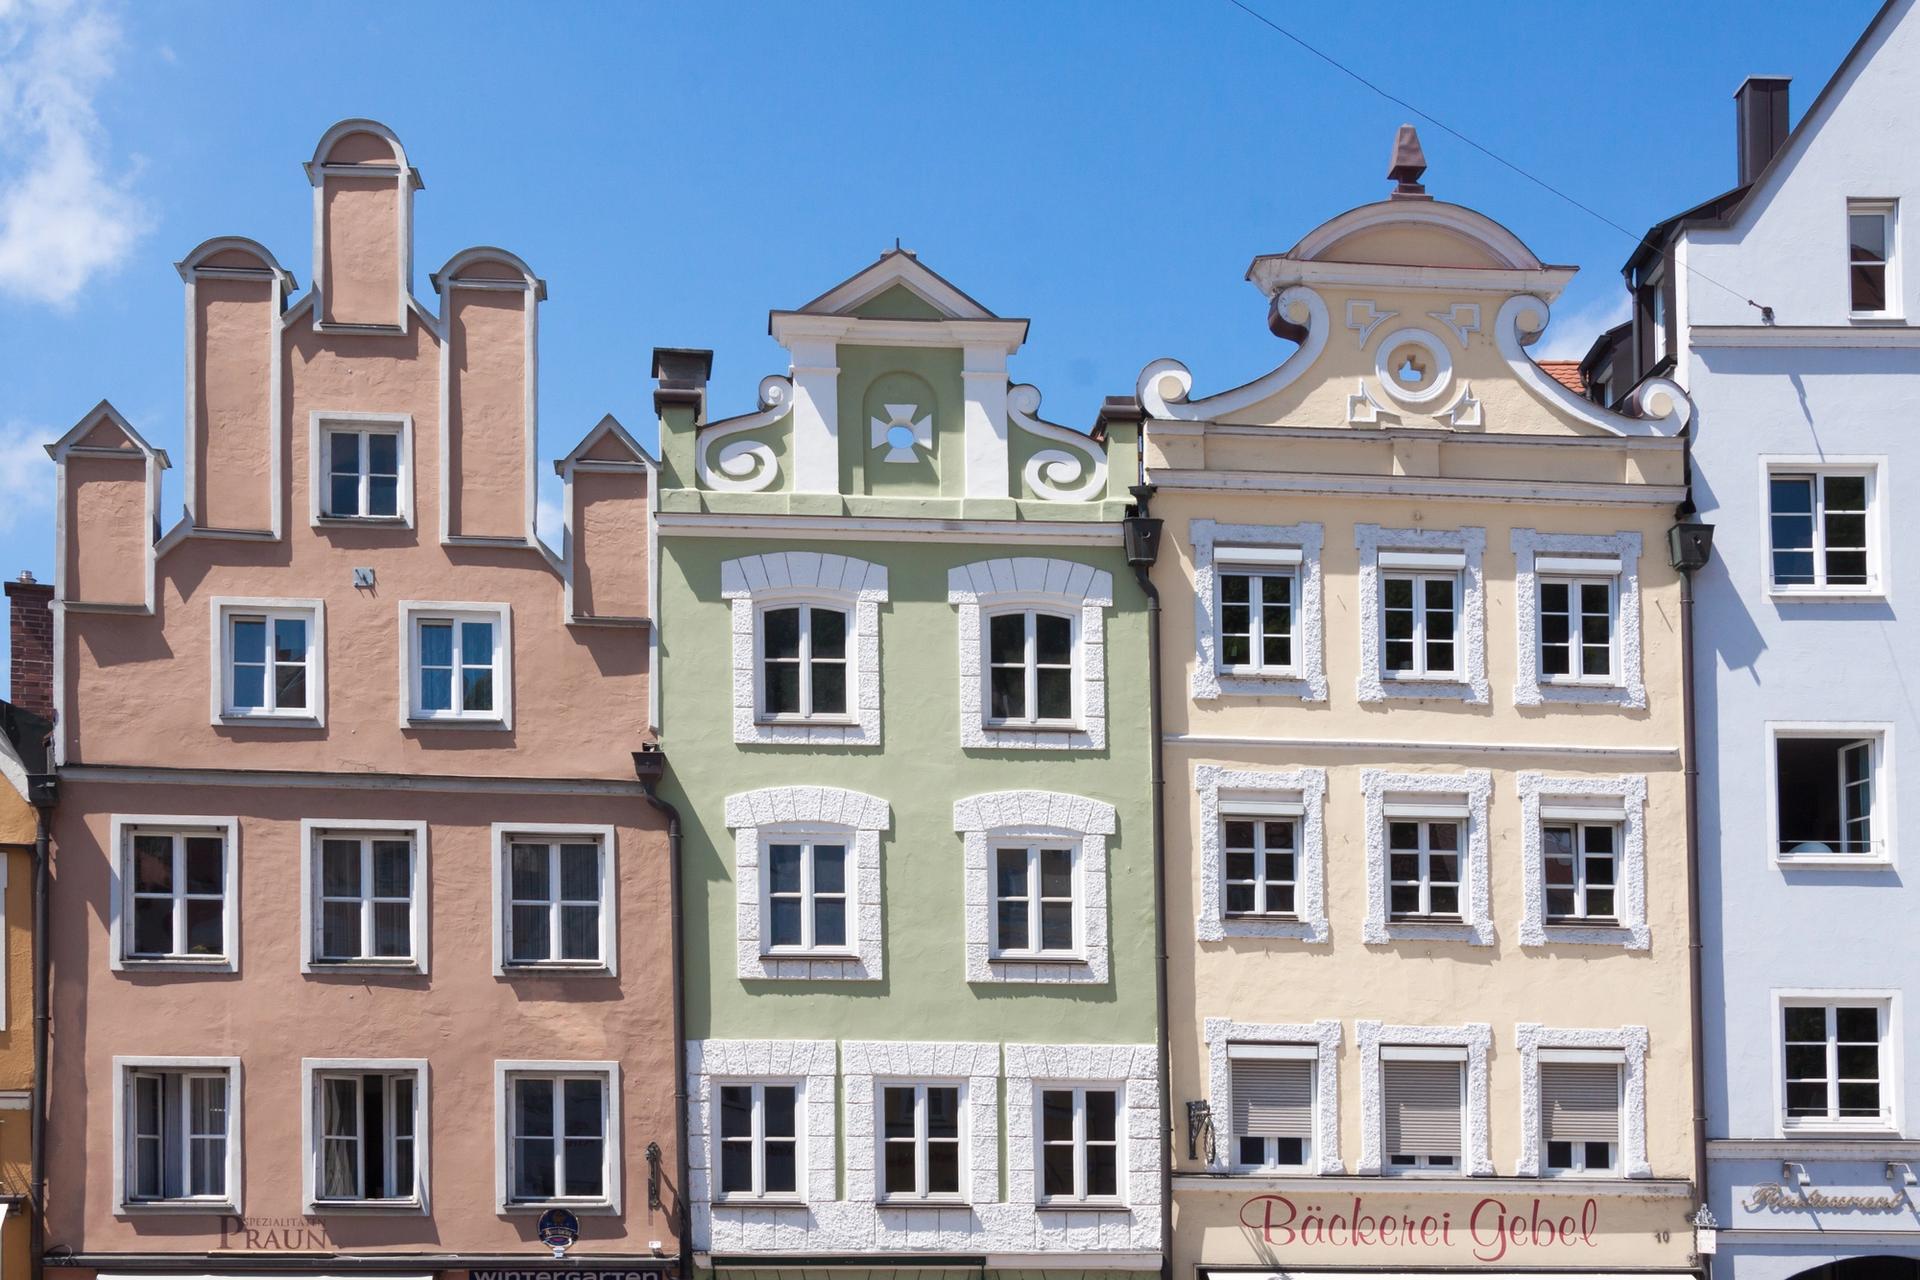 Anticimex Kammerjäger in Landshut